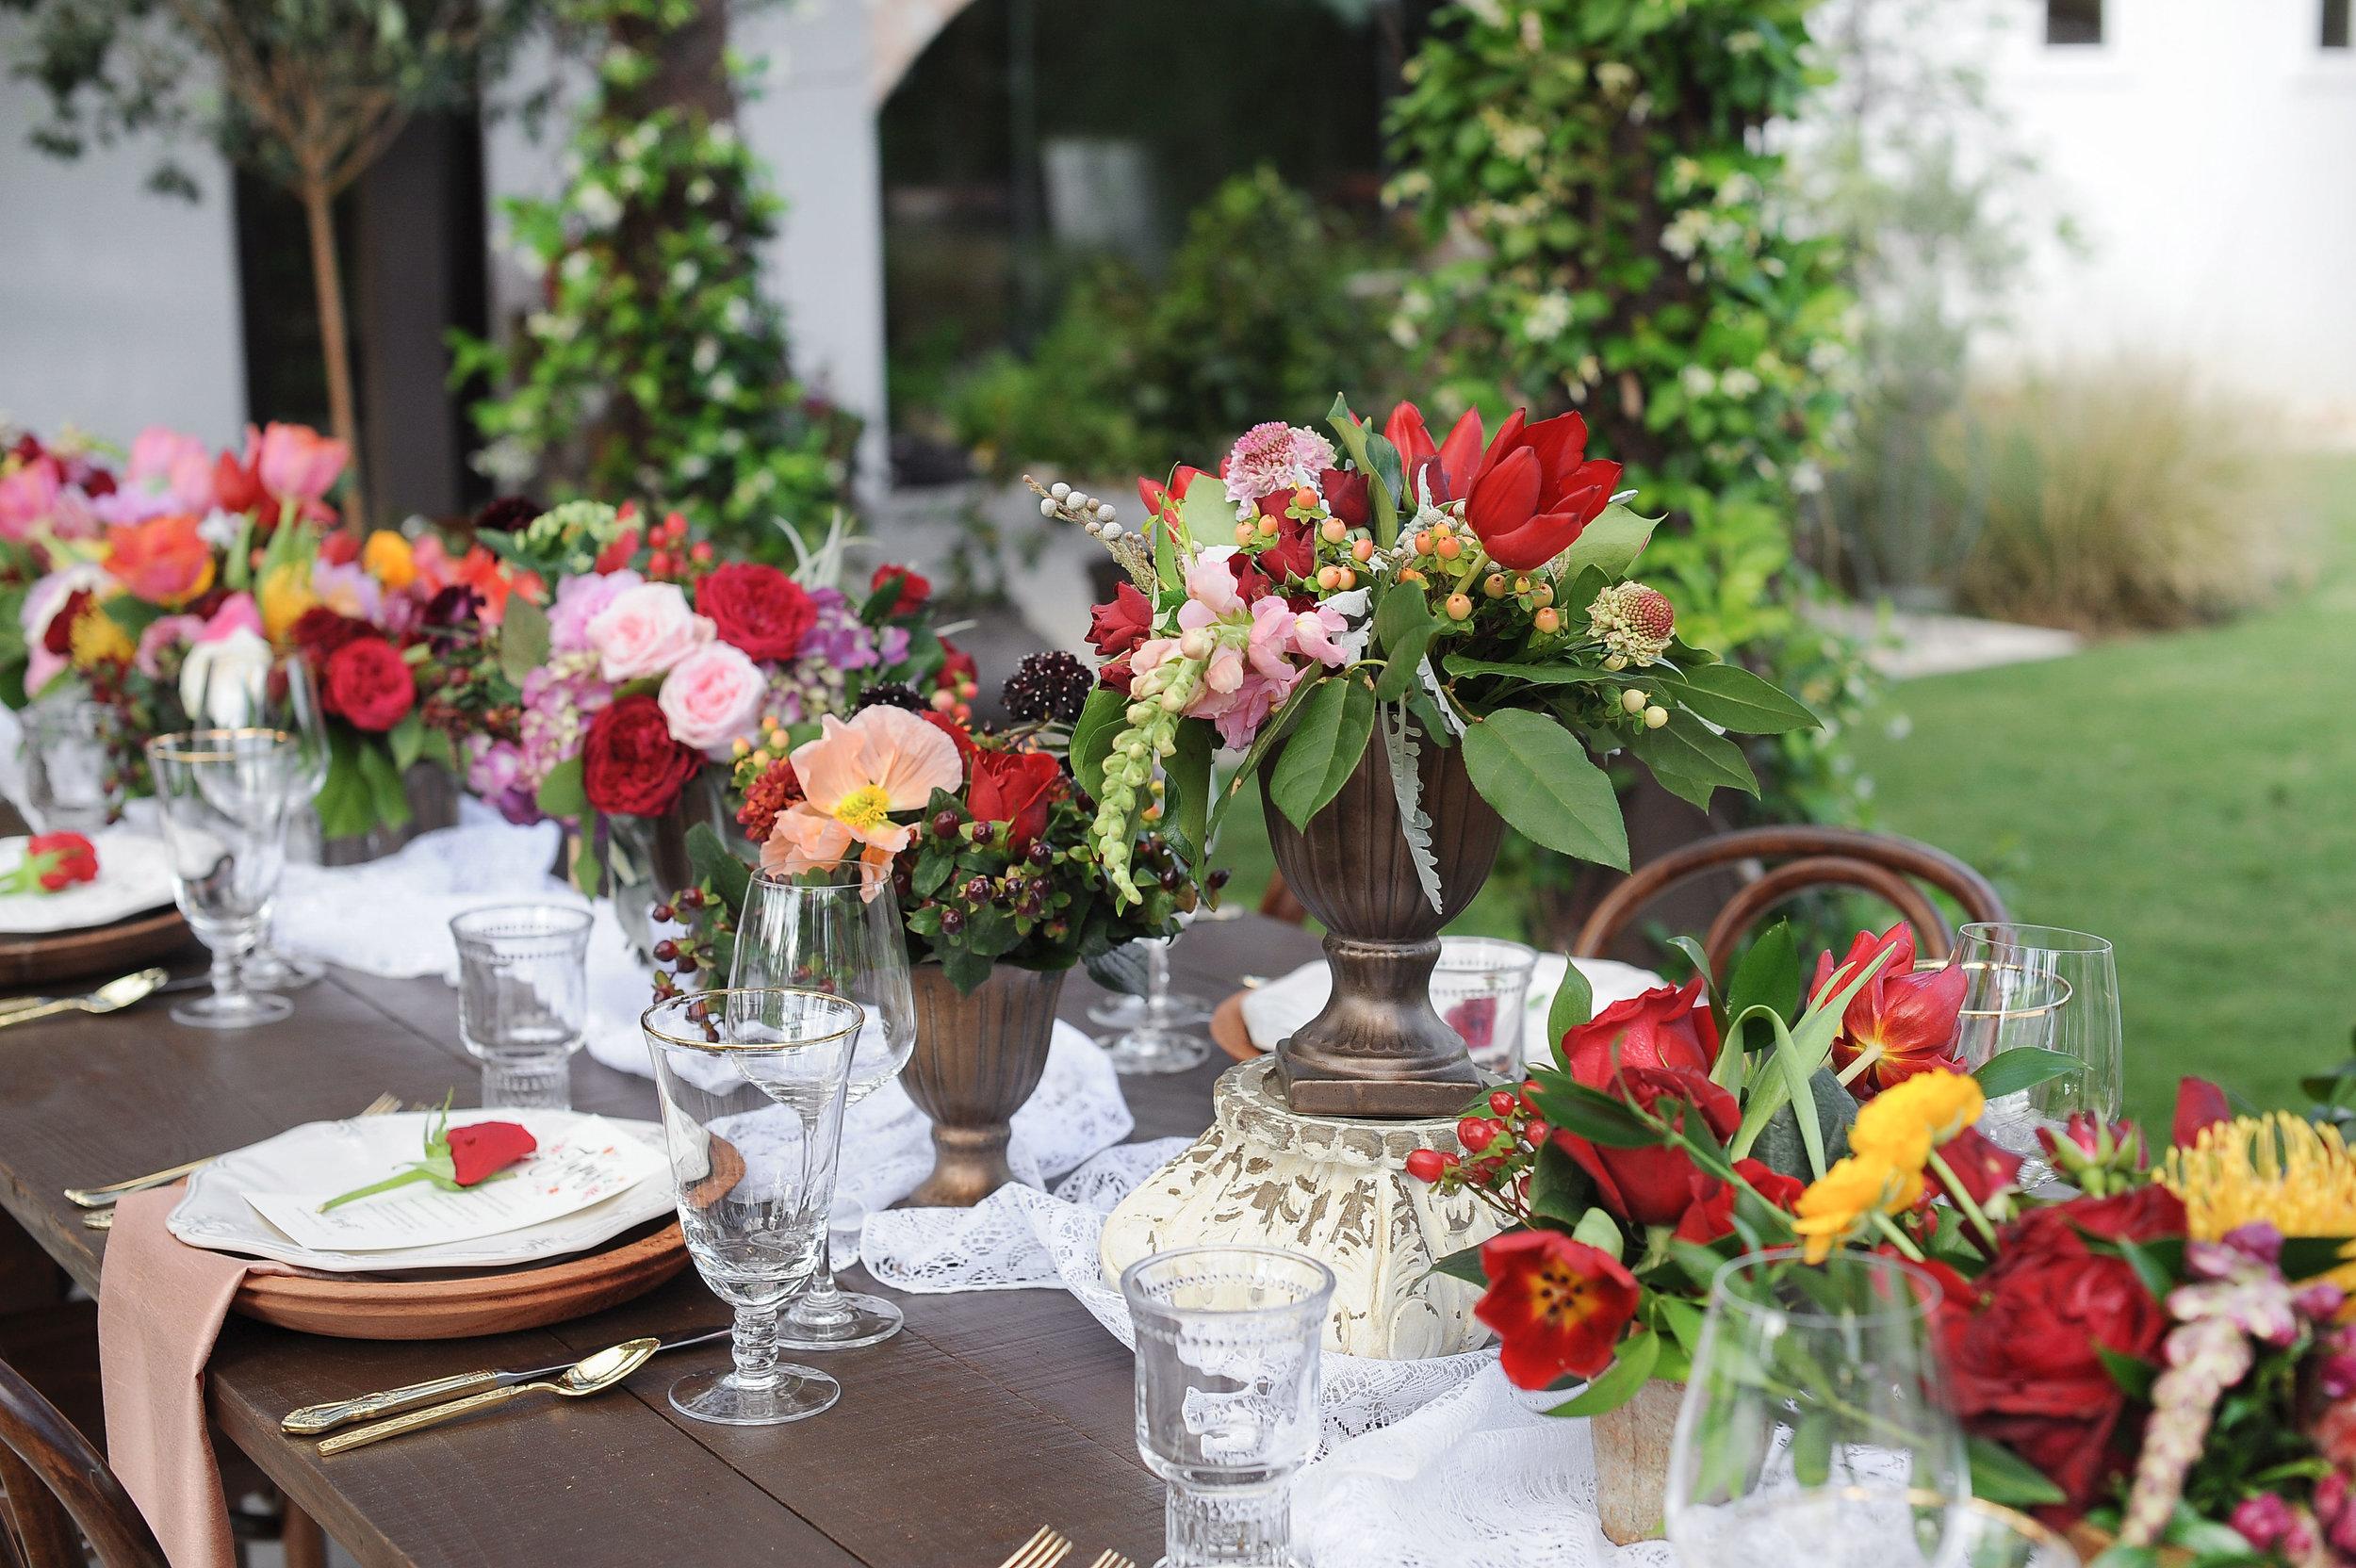 Garden-Grove-Spanish-Wedding-jessicafreyphotography-FAV-032.jpg